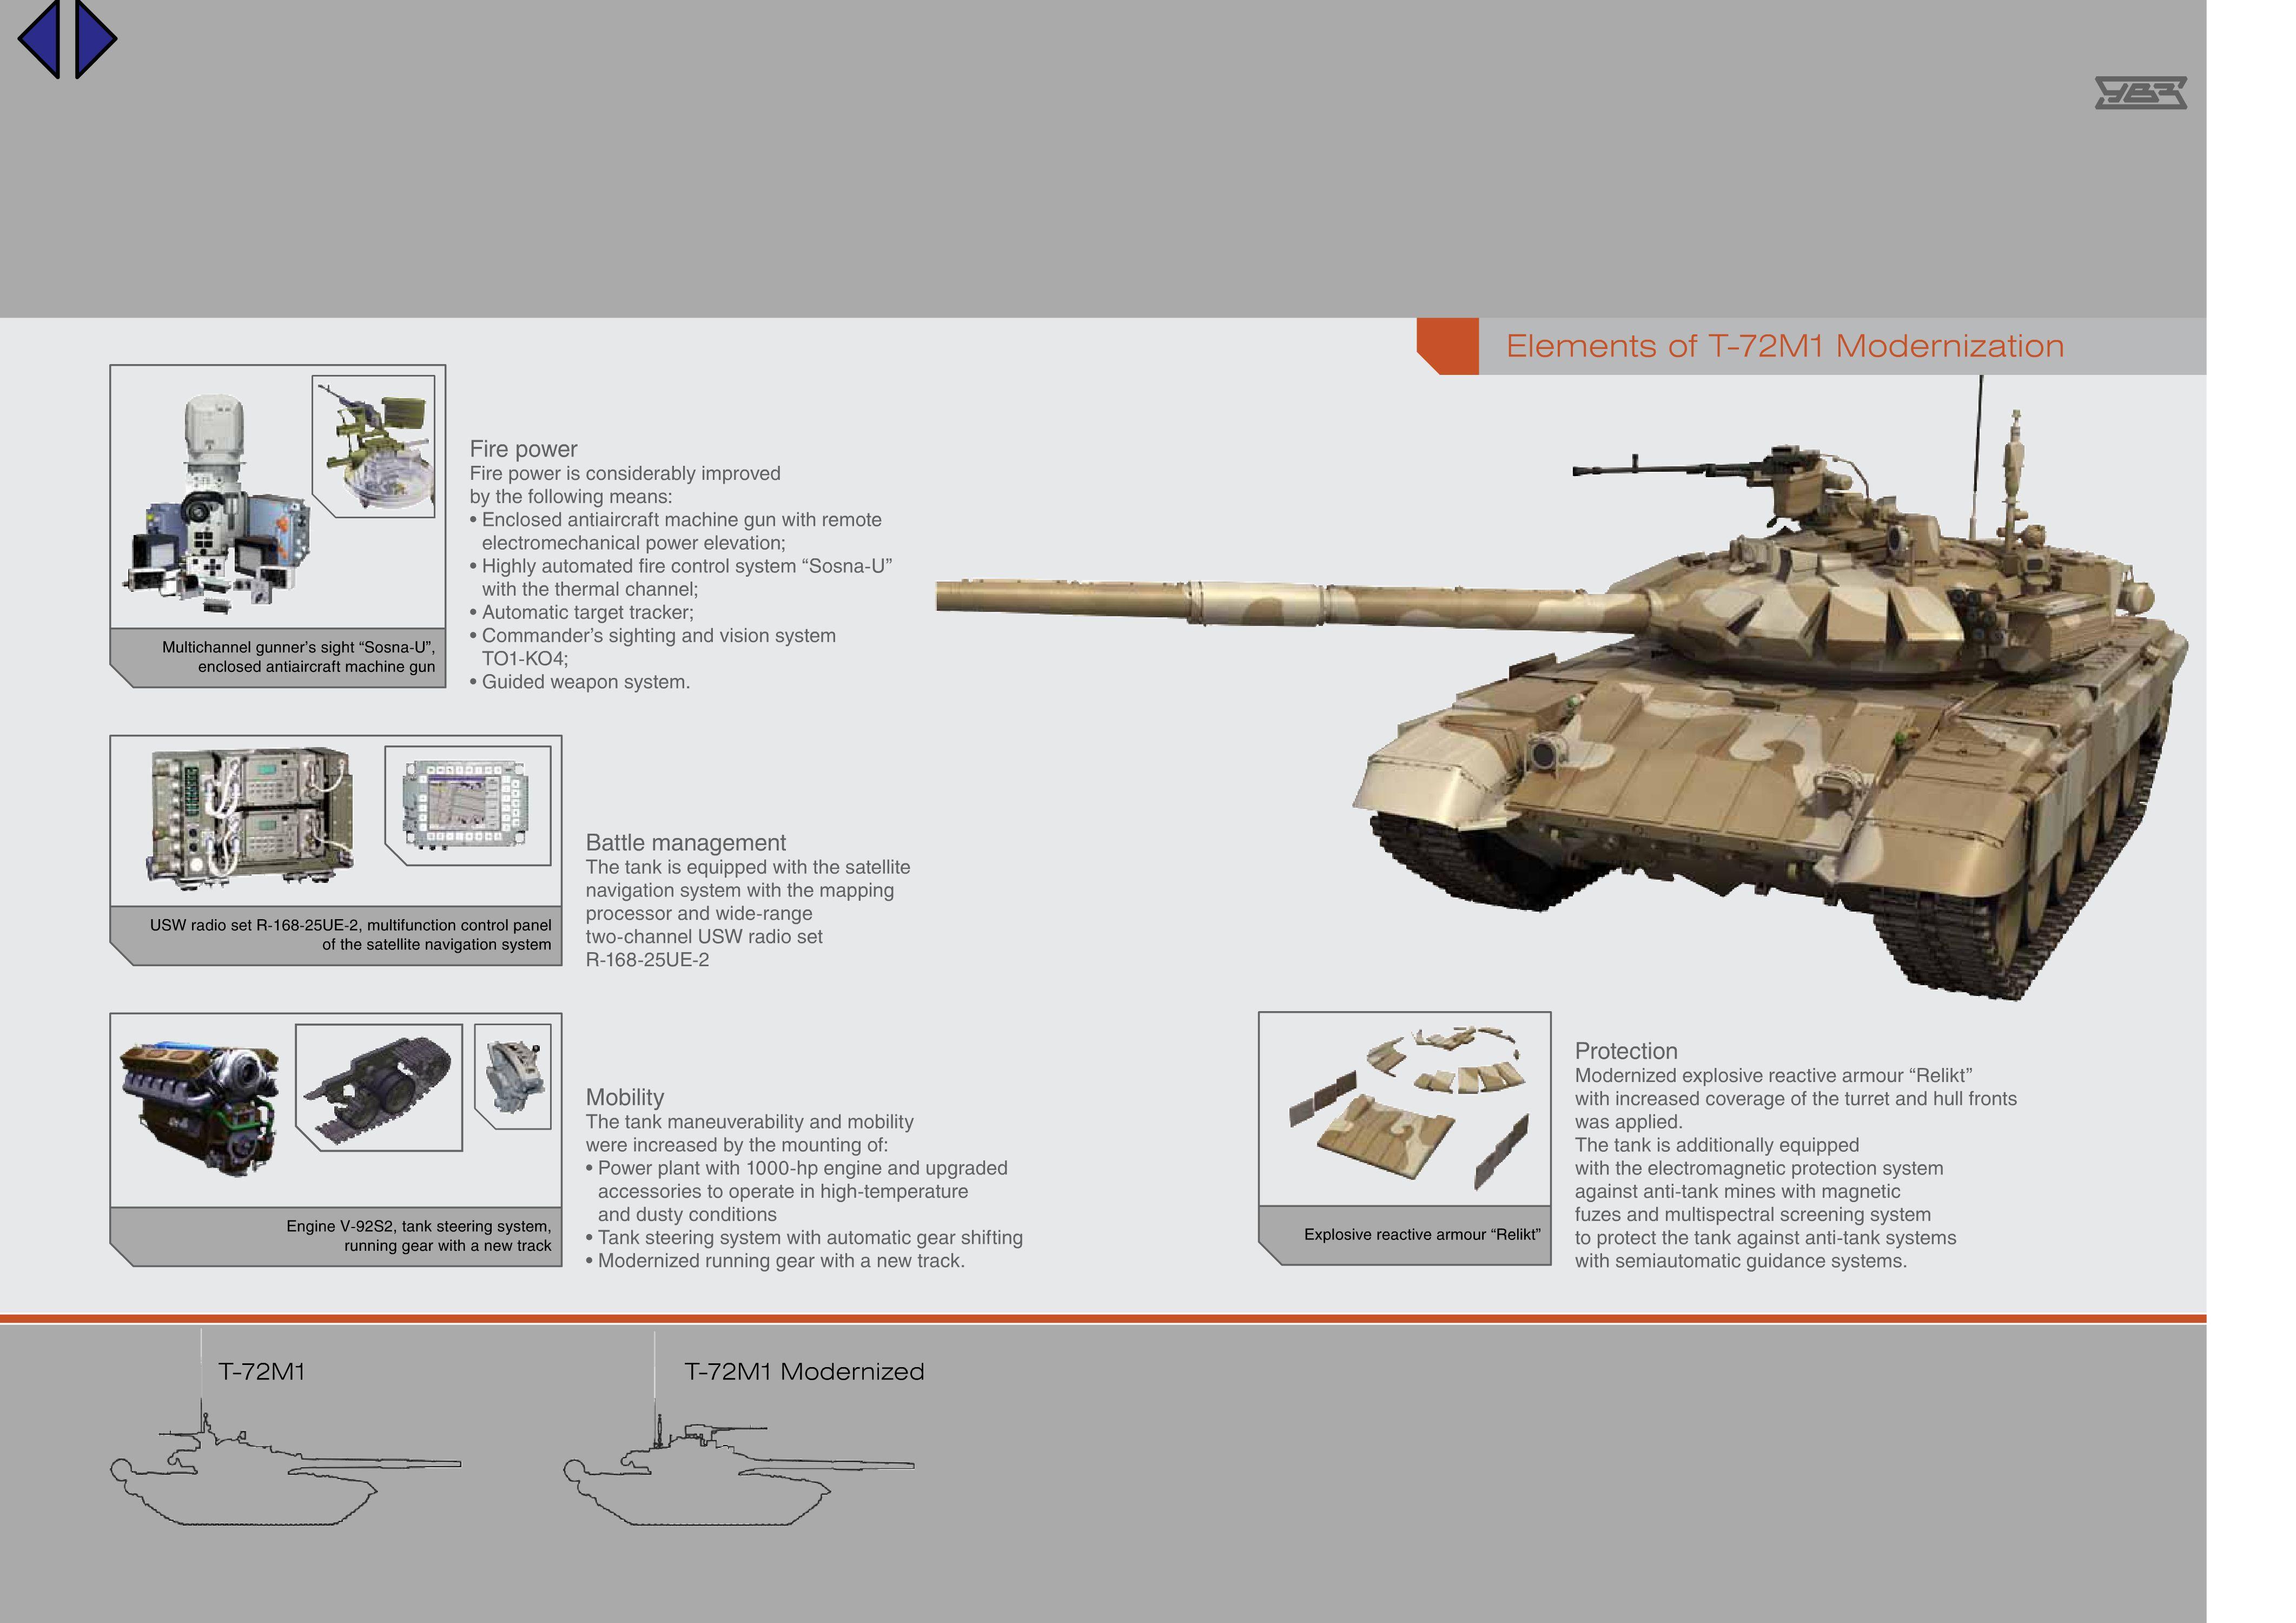 التطوير T-72M1 للجزائر يتفوق على نظيره المقدم للجيش الروسي  565787864